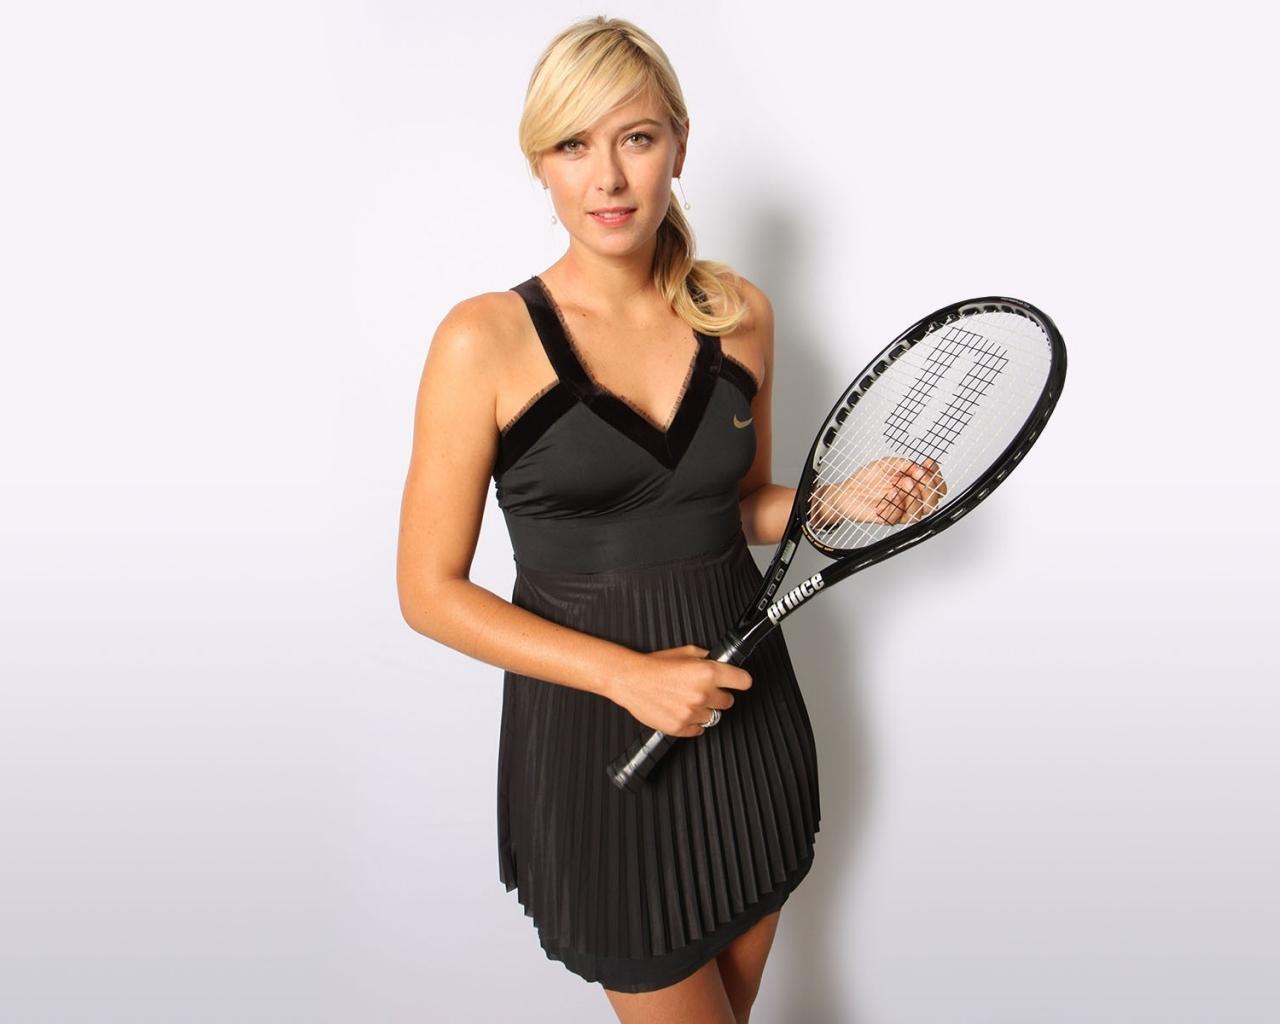 Maria Sharapova - 1280x1024